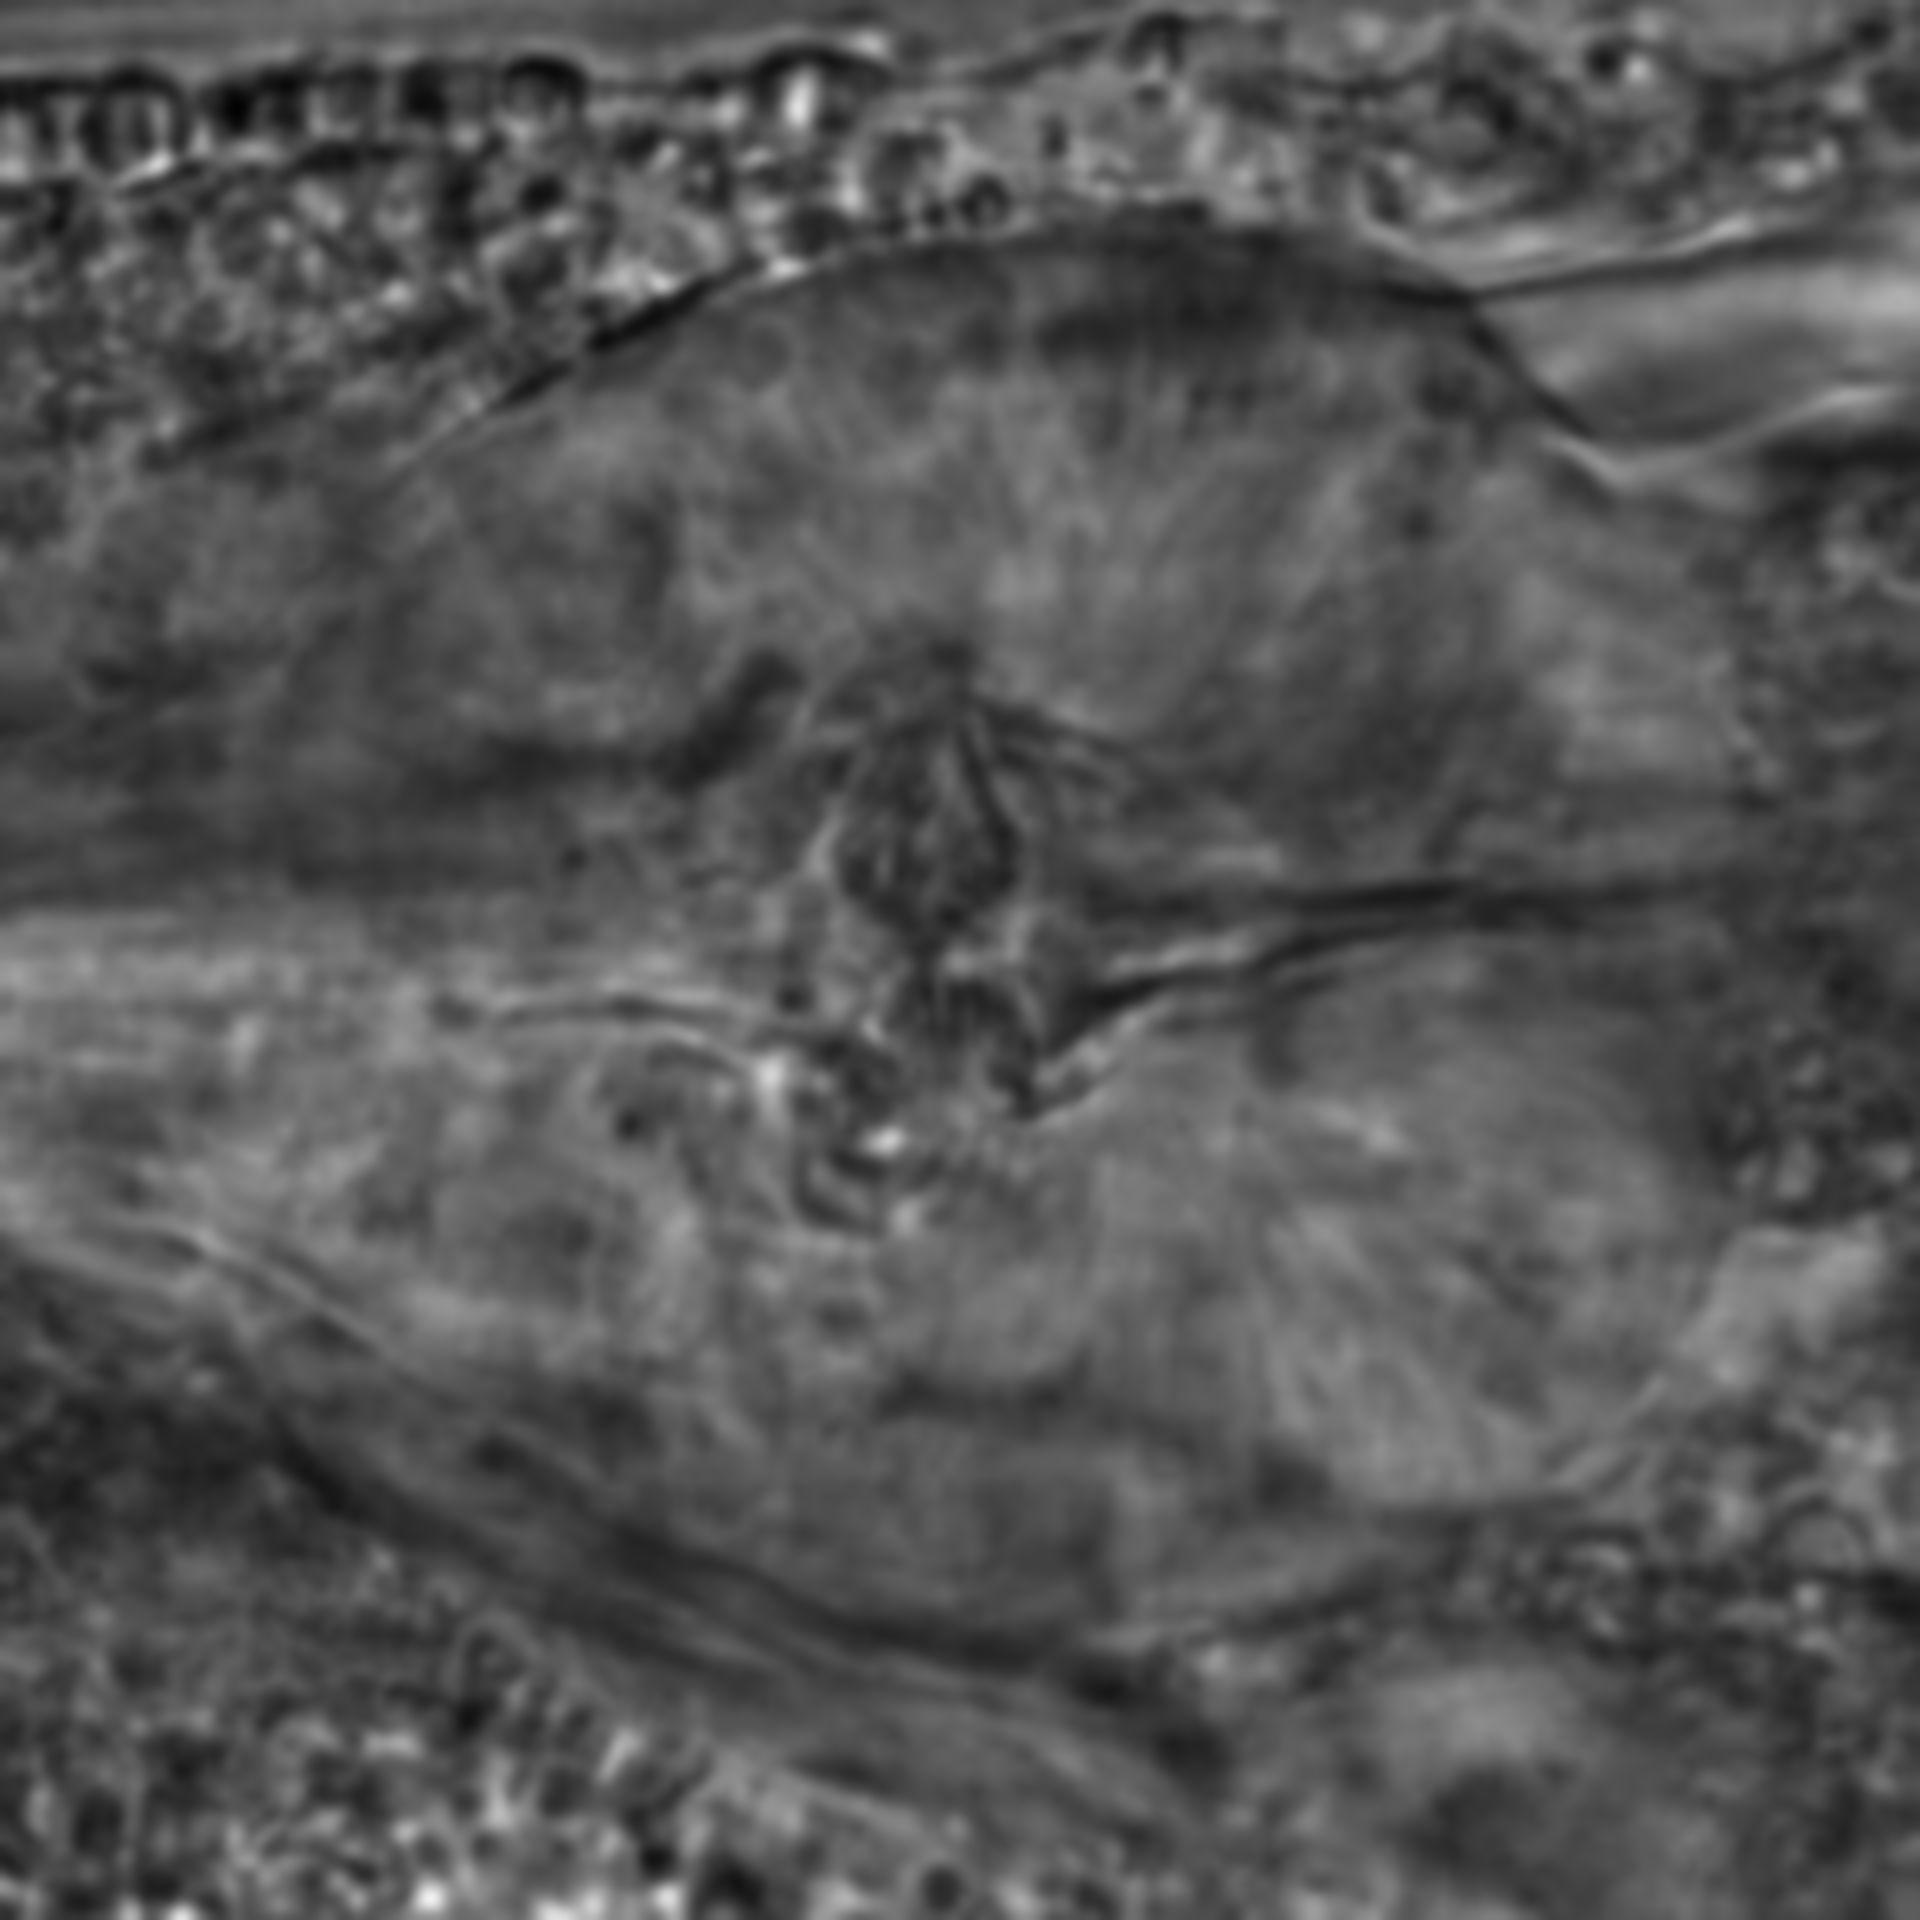 Caenorhabditis elegans - CIL:2797